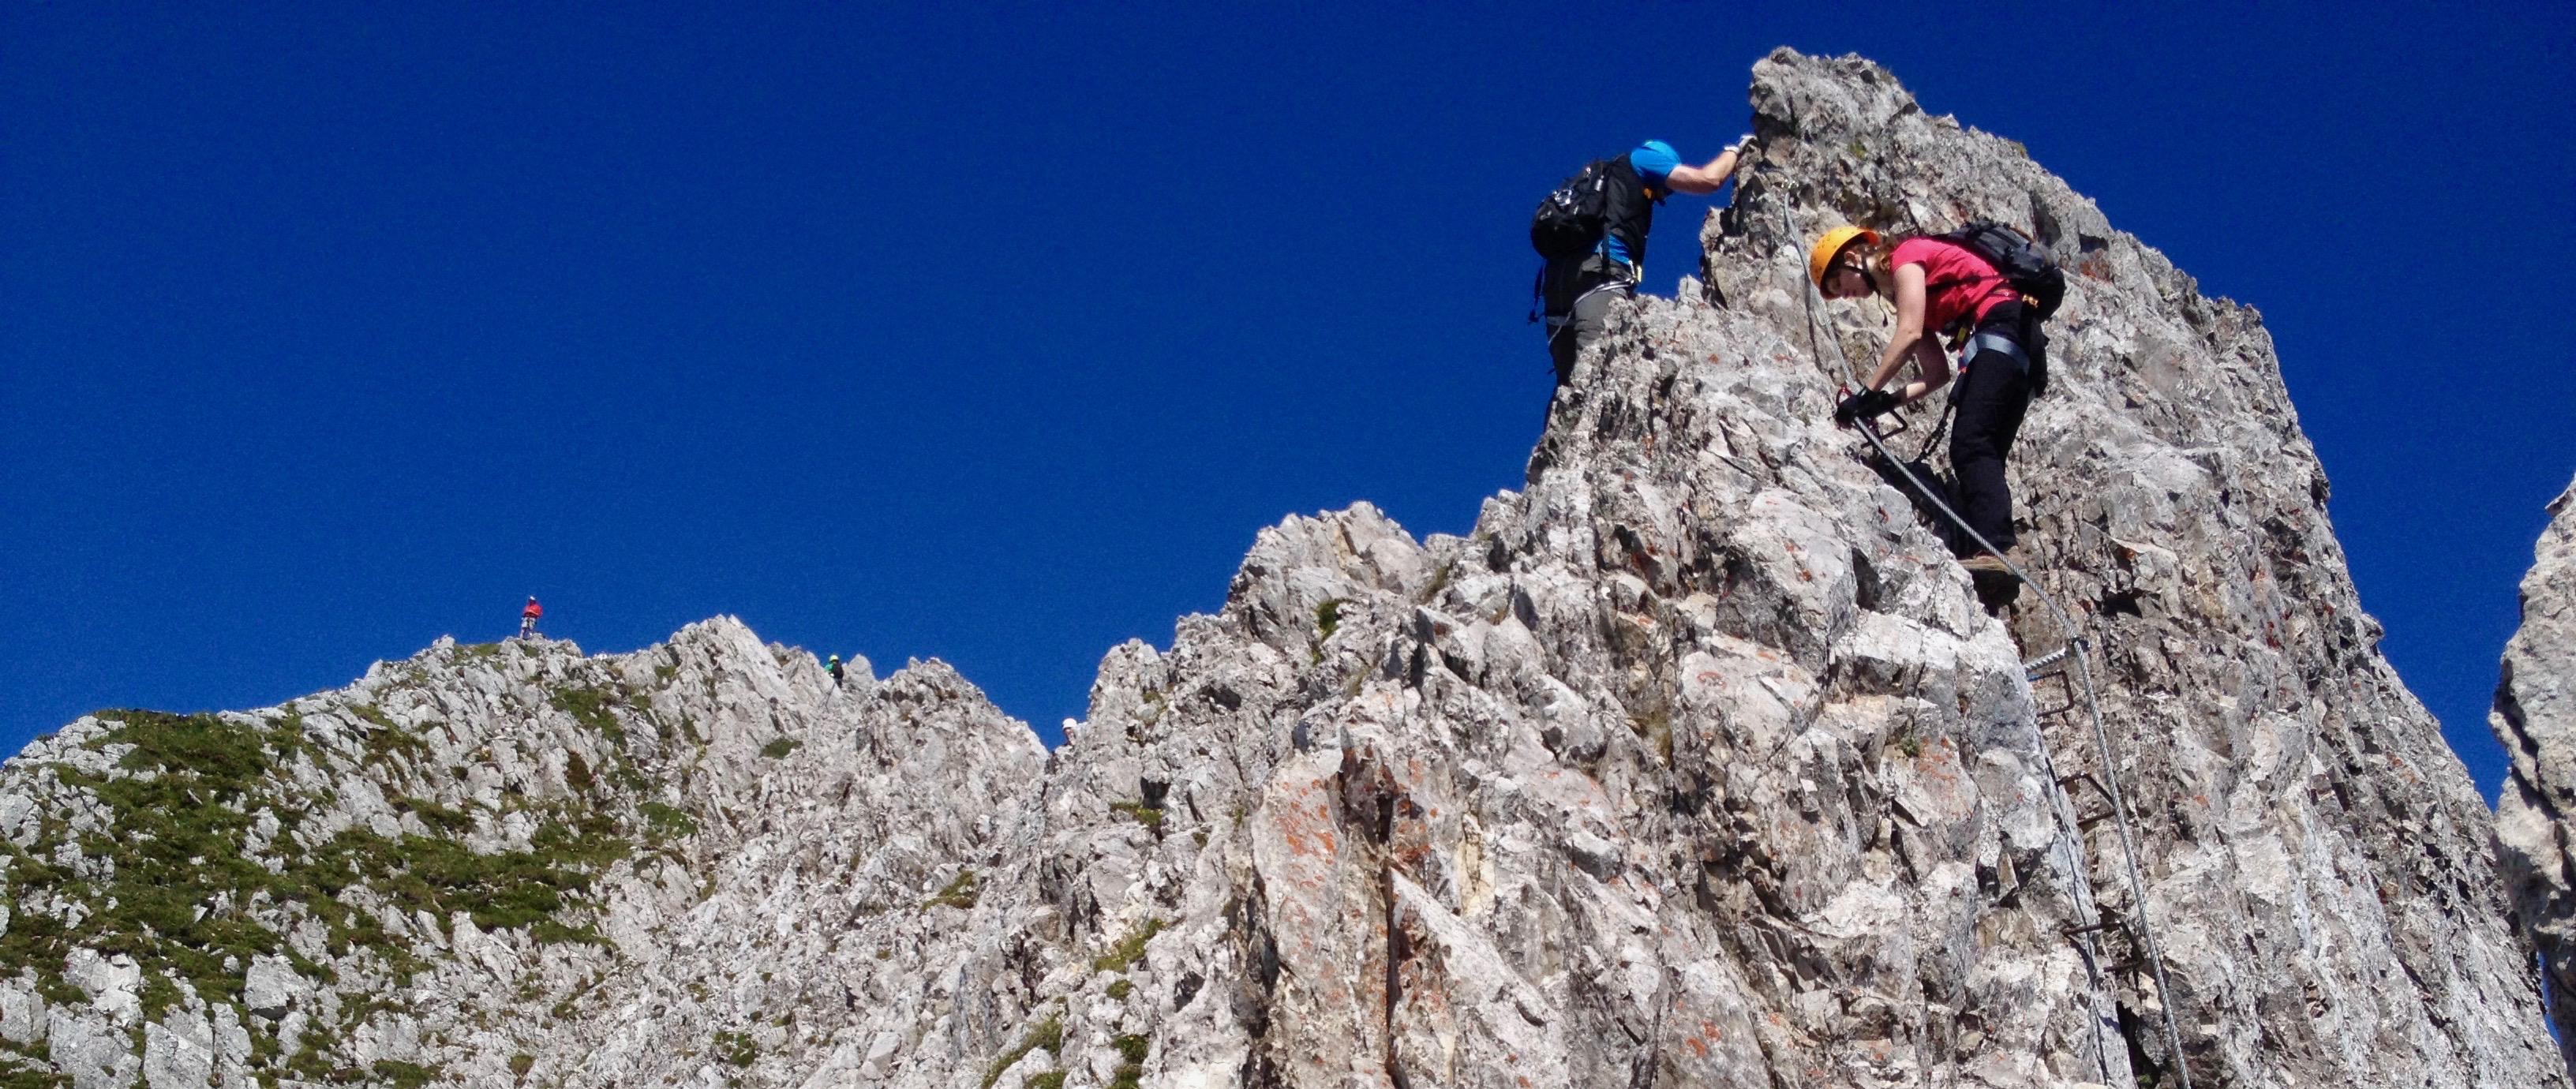 Klettersteig Johann Topo : Super klettersteige u vom morgengrauen bis zur dämmerung wander